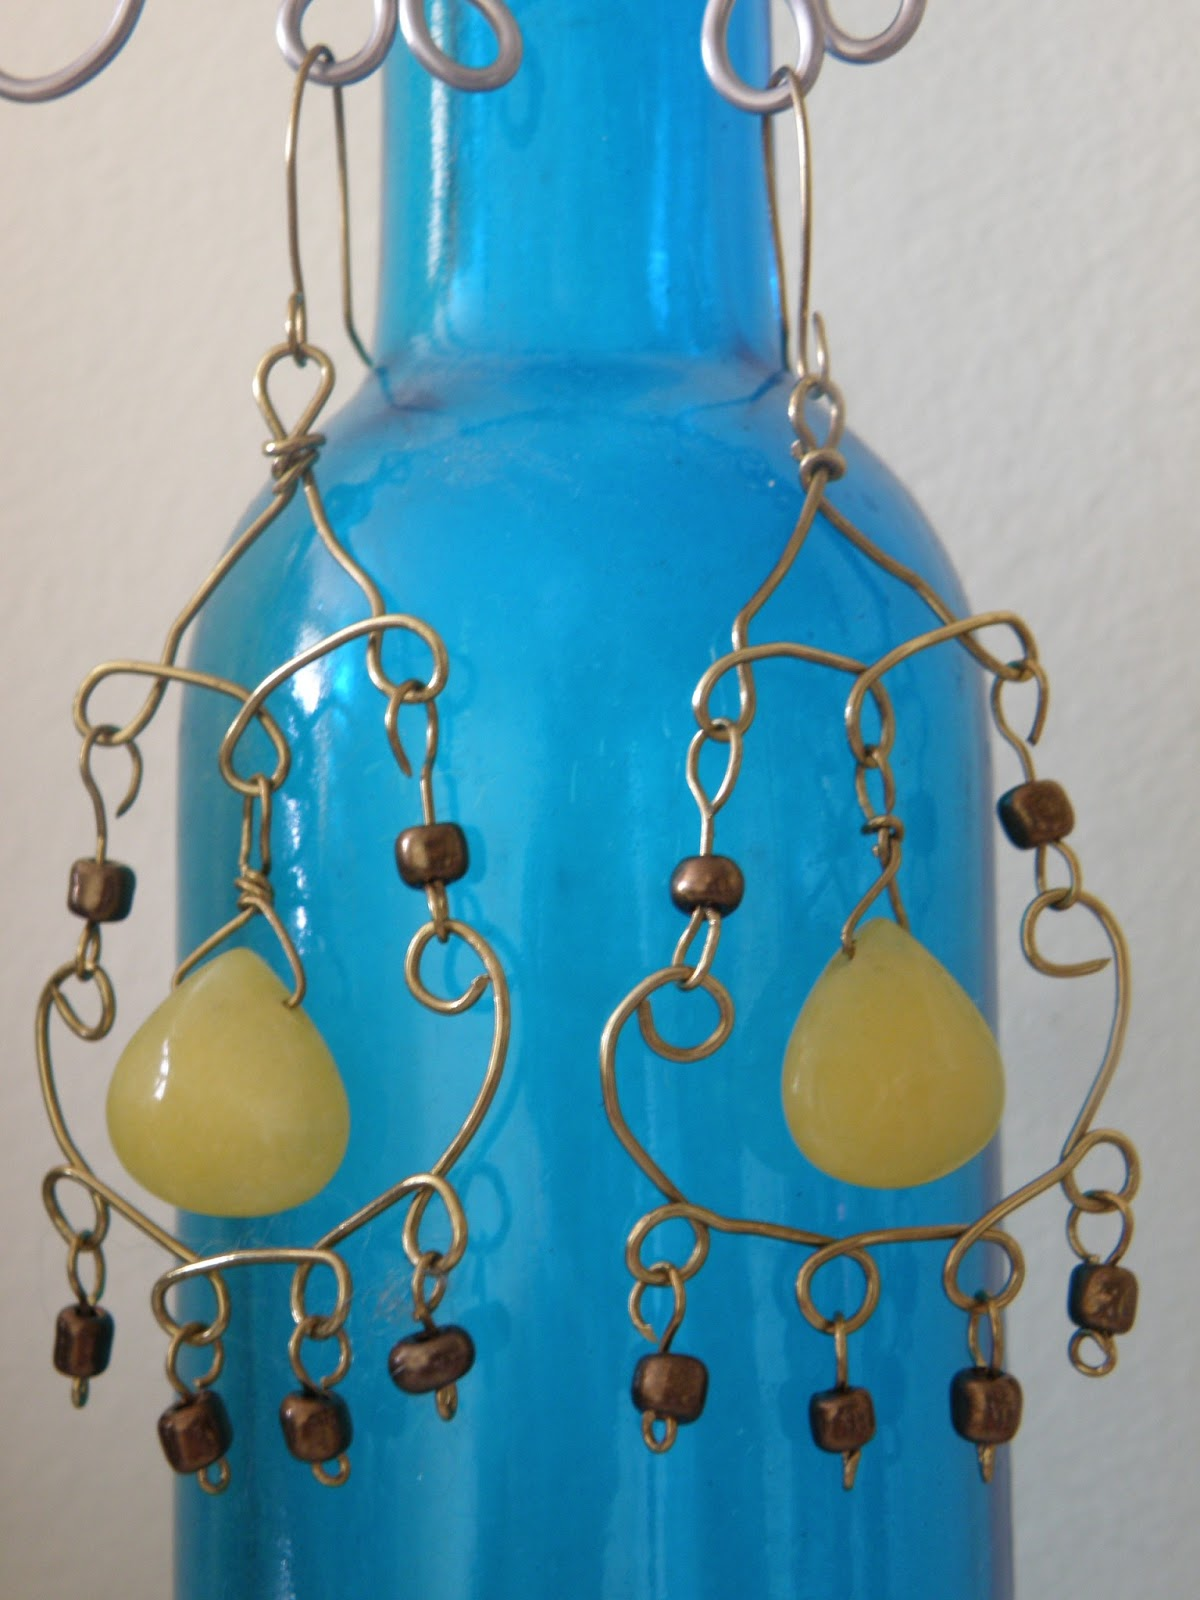 Chandelier earrings hindi style - beauty queens | Handmade jewelry ...